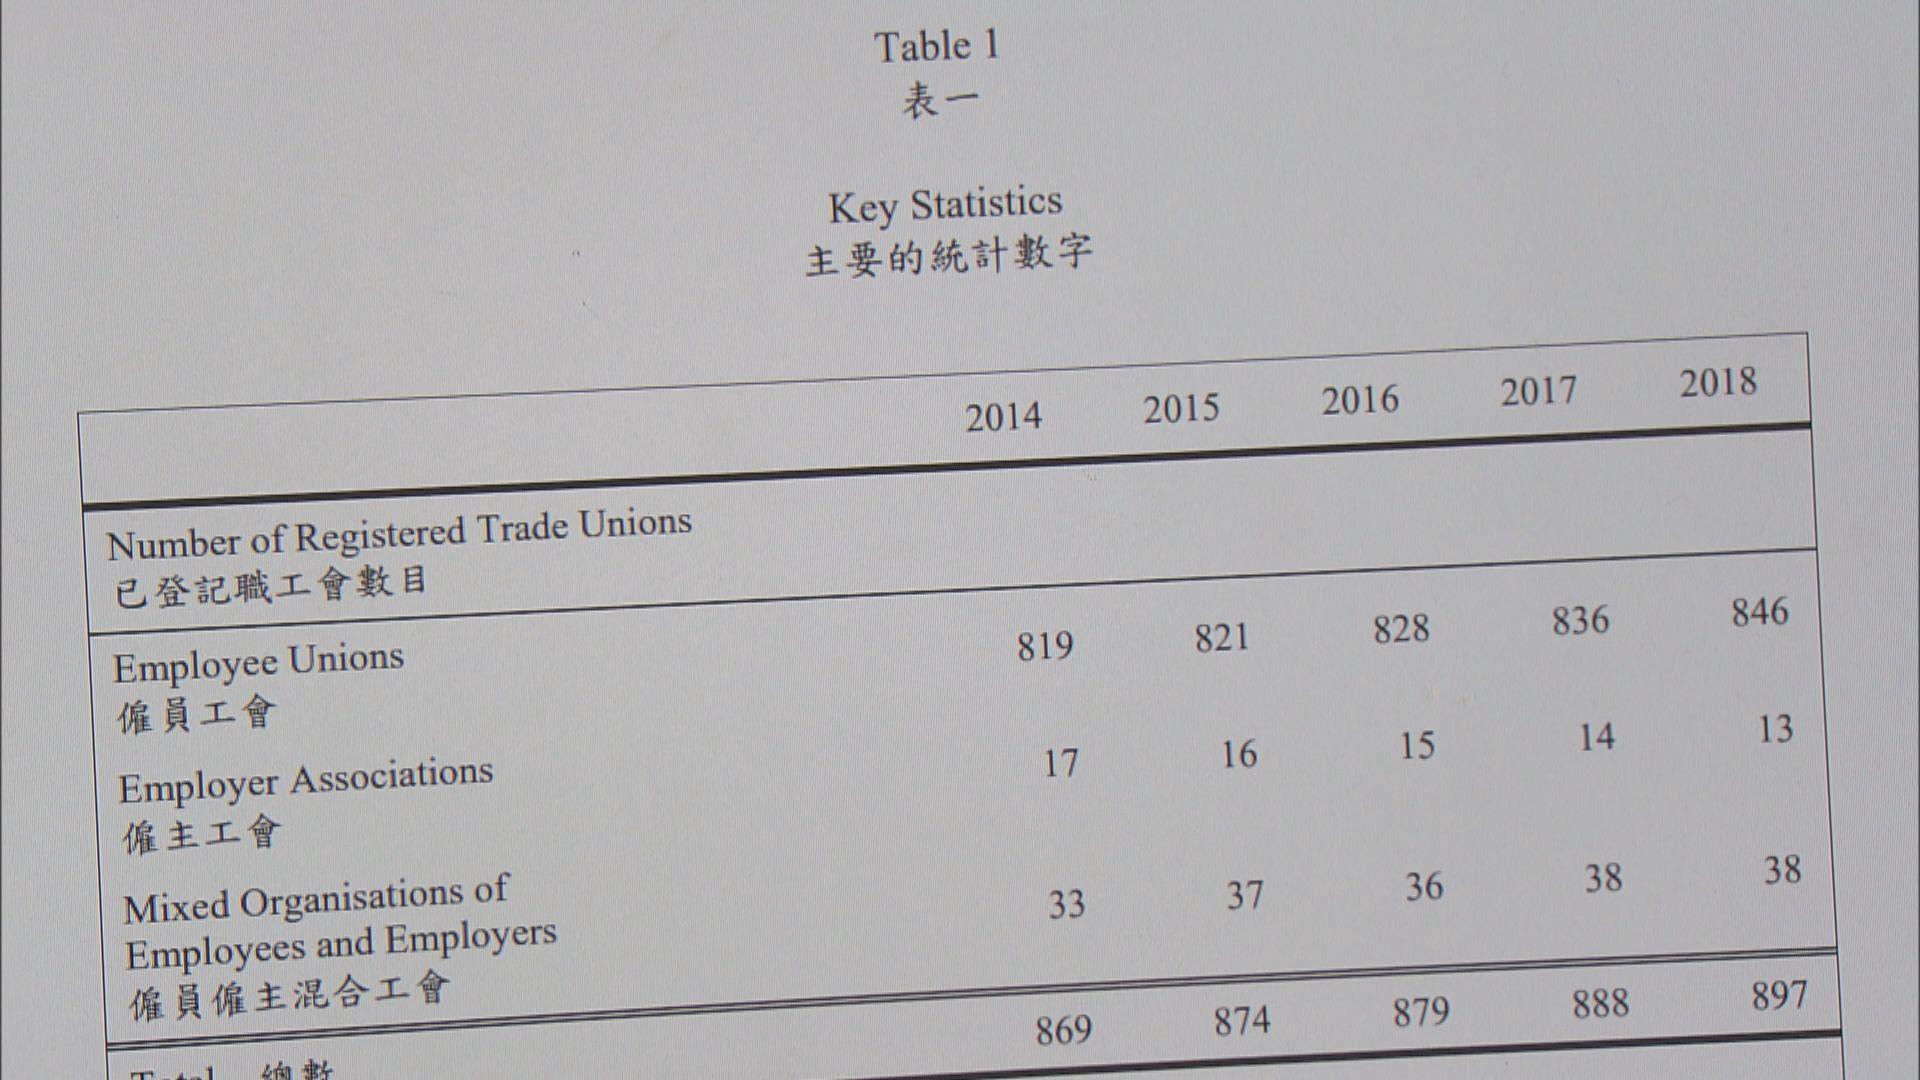 職工會年報顯示逾40間工會無按指引更新資料